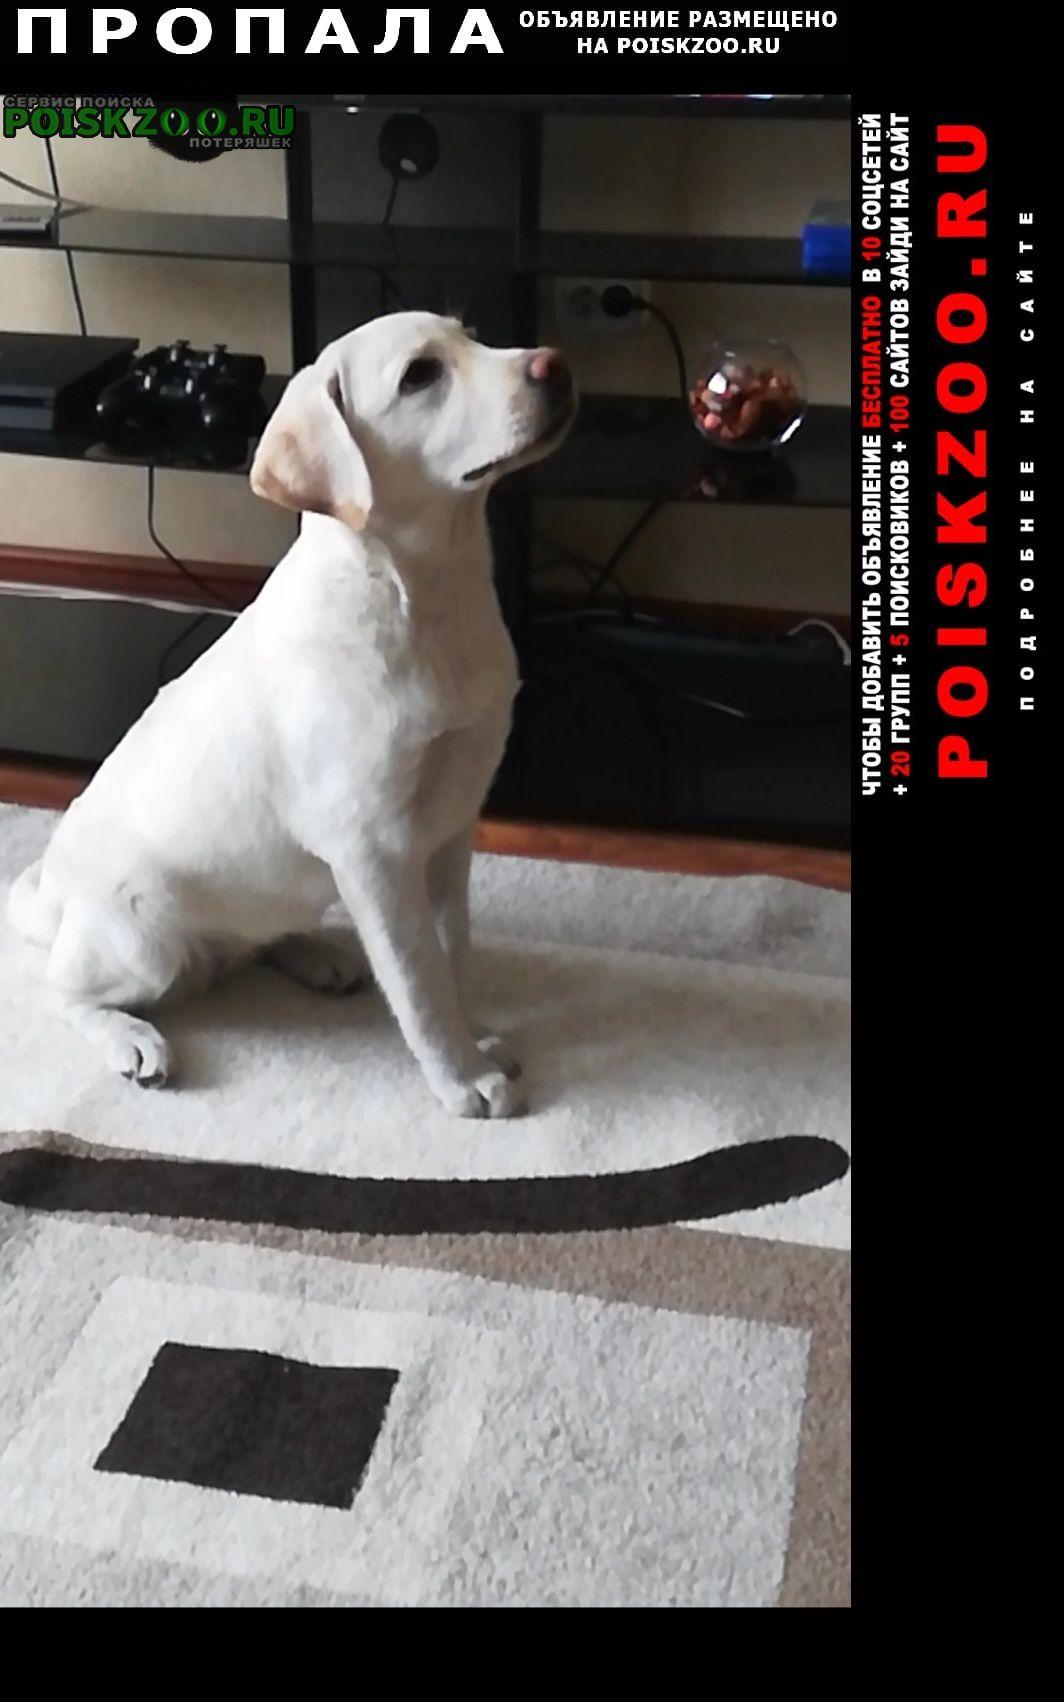 Пропала собака помогите найти. Омск